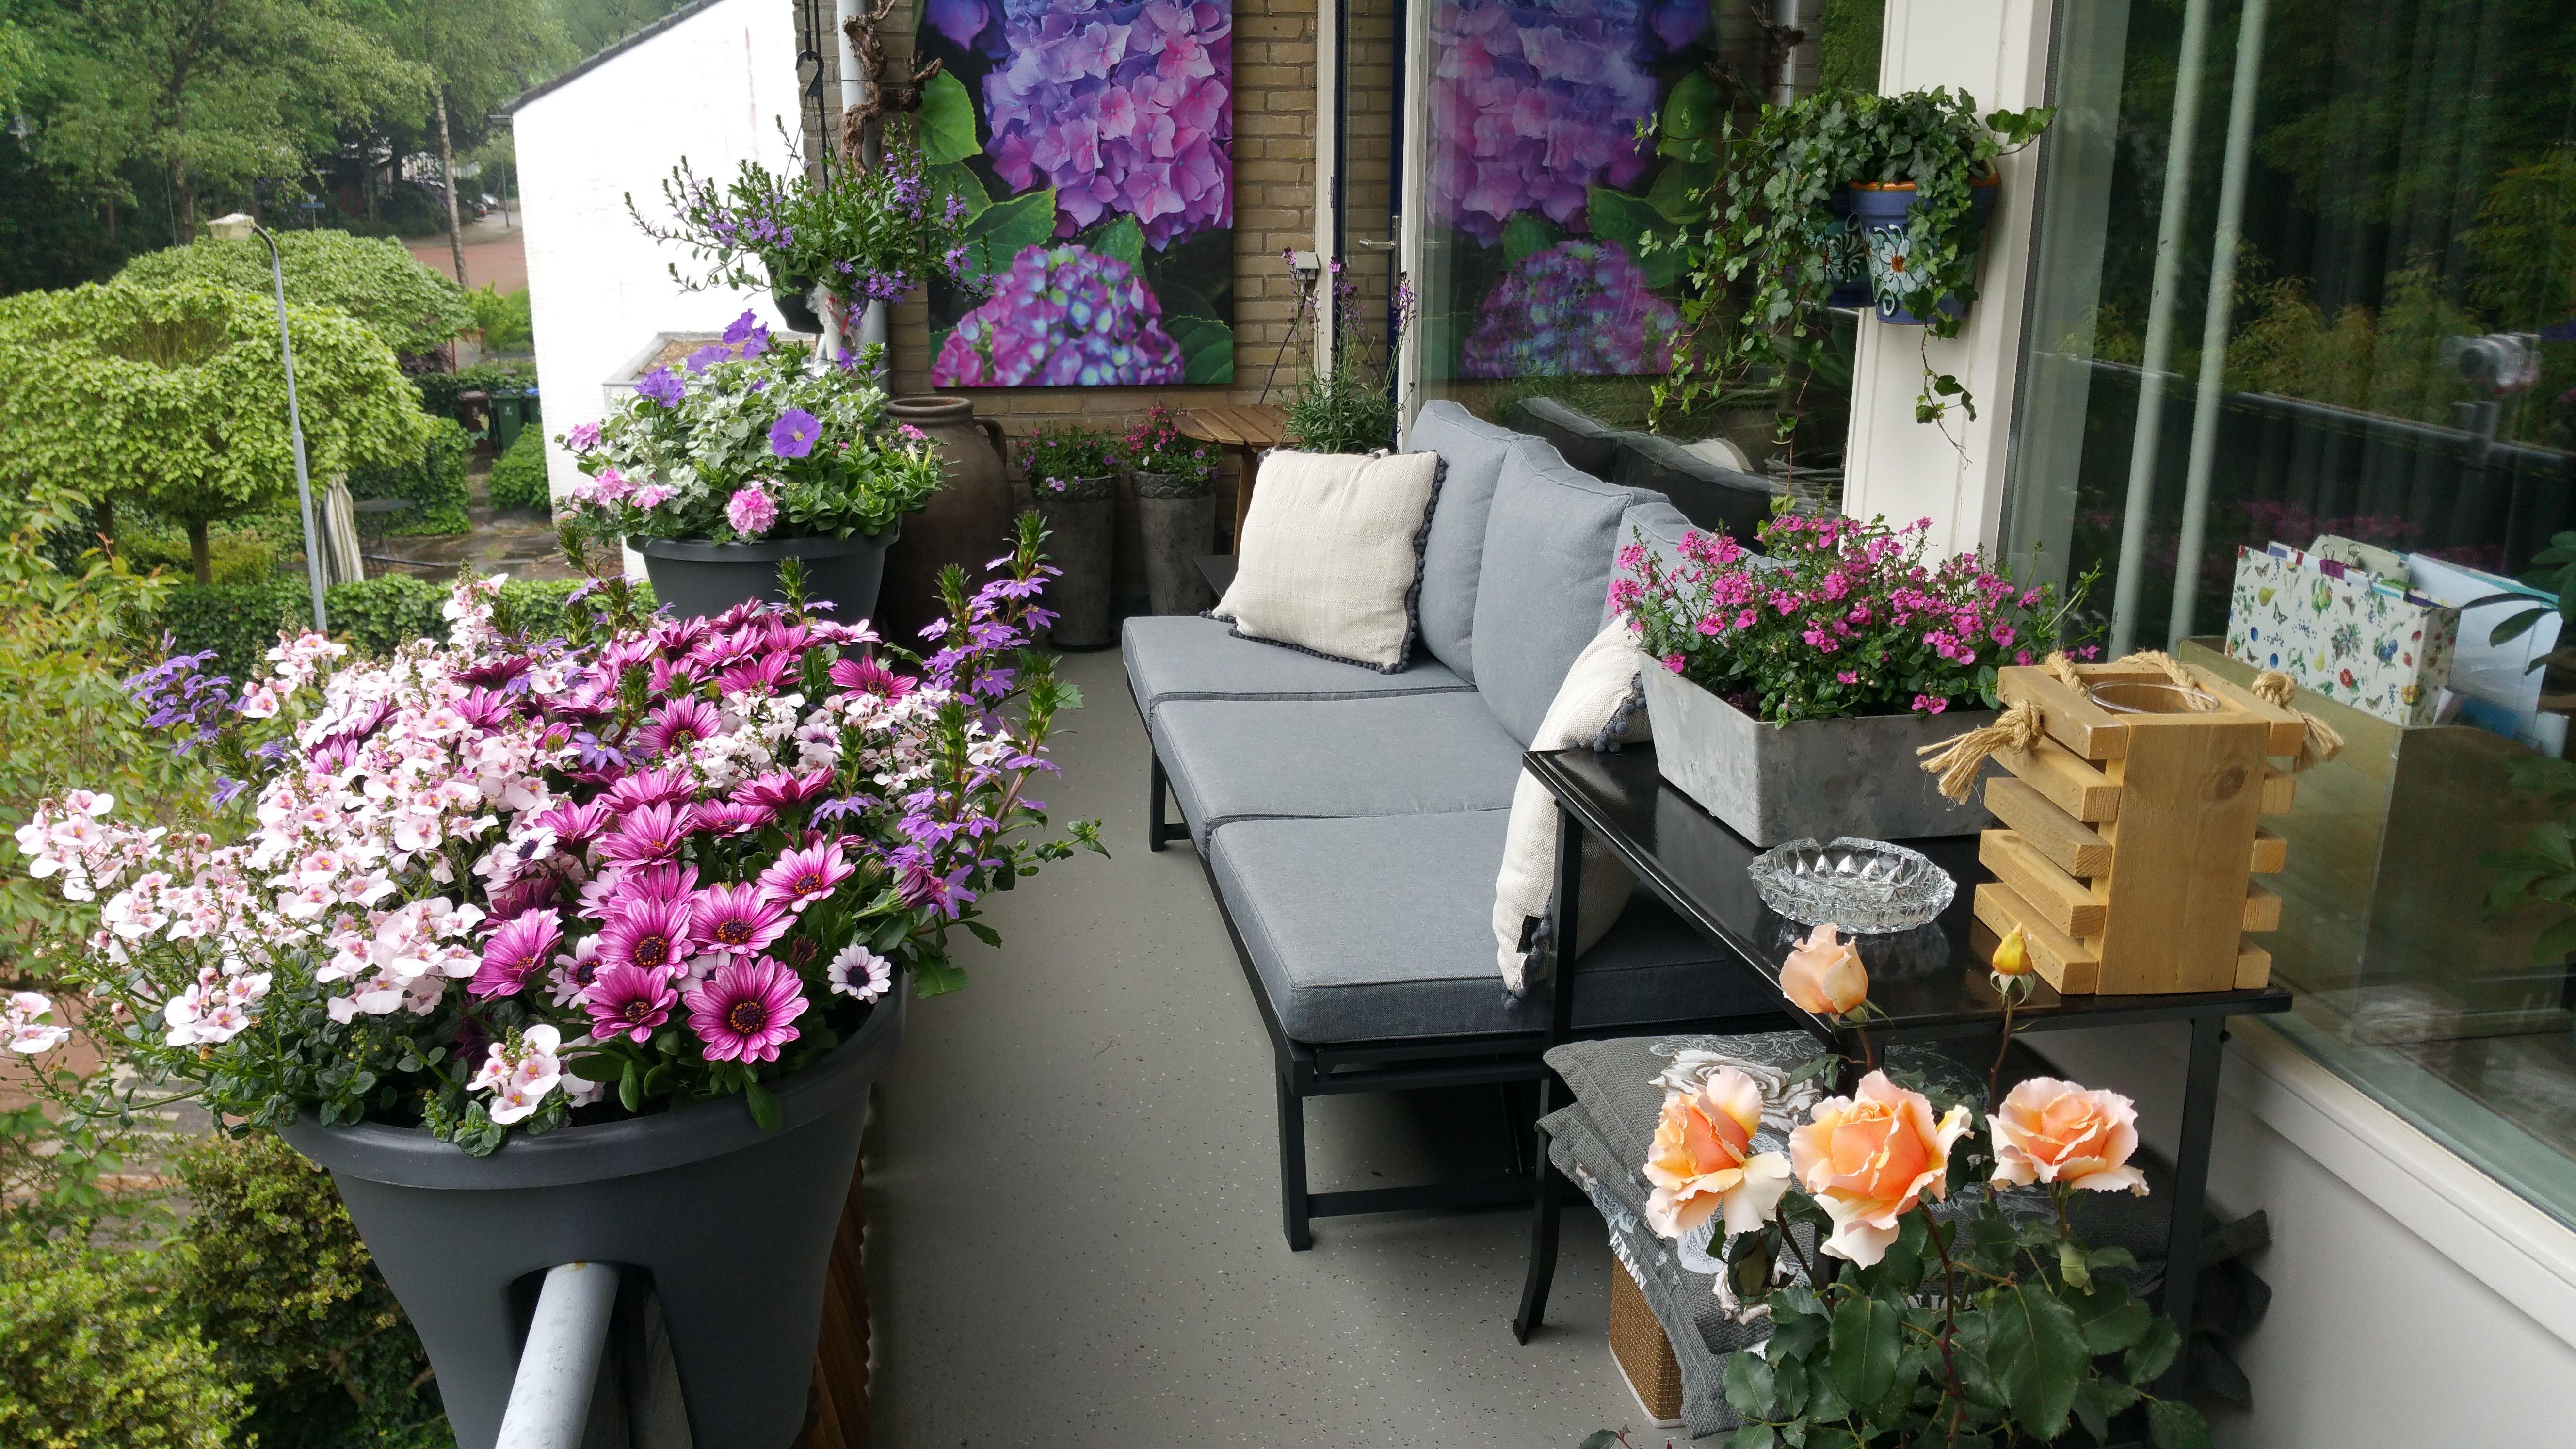 Cottage Tuin Op Het Balkon Veel Planten En Kleurrijke Bloemen Met